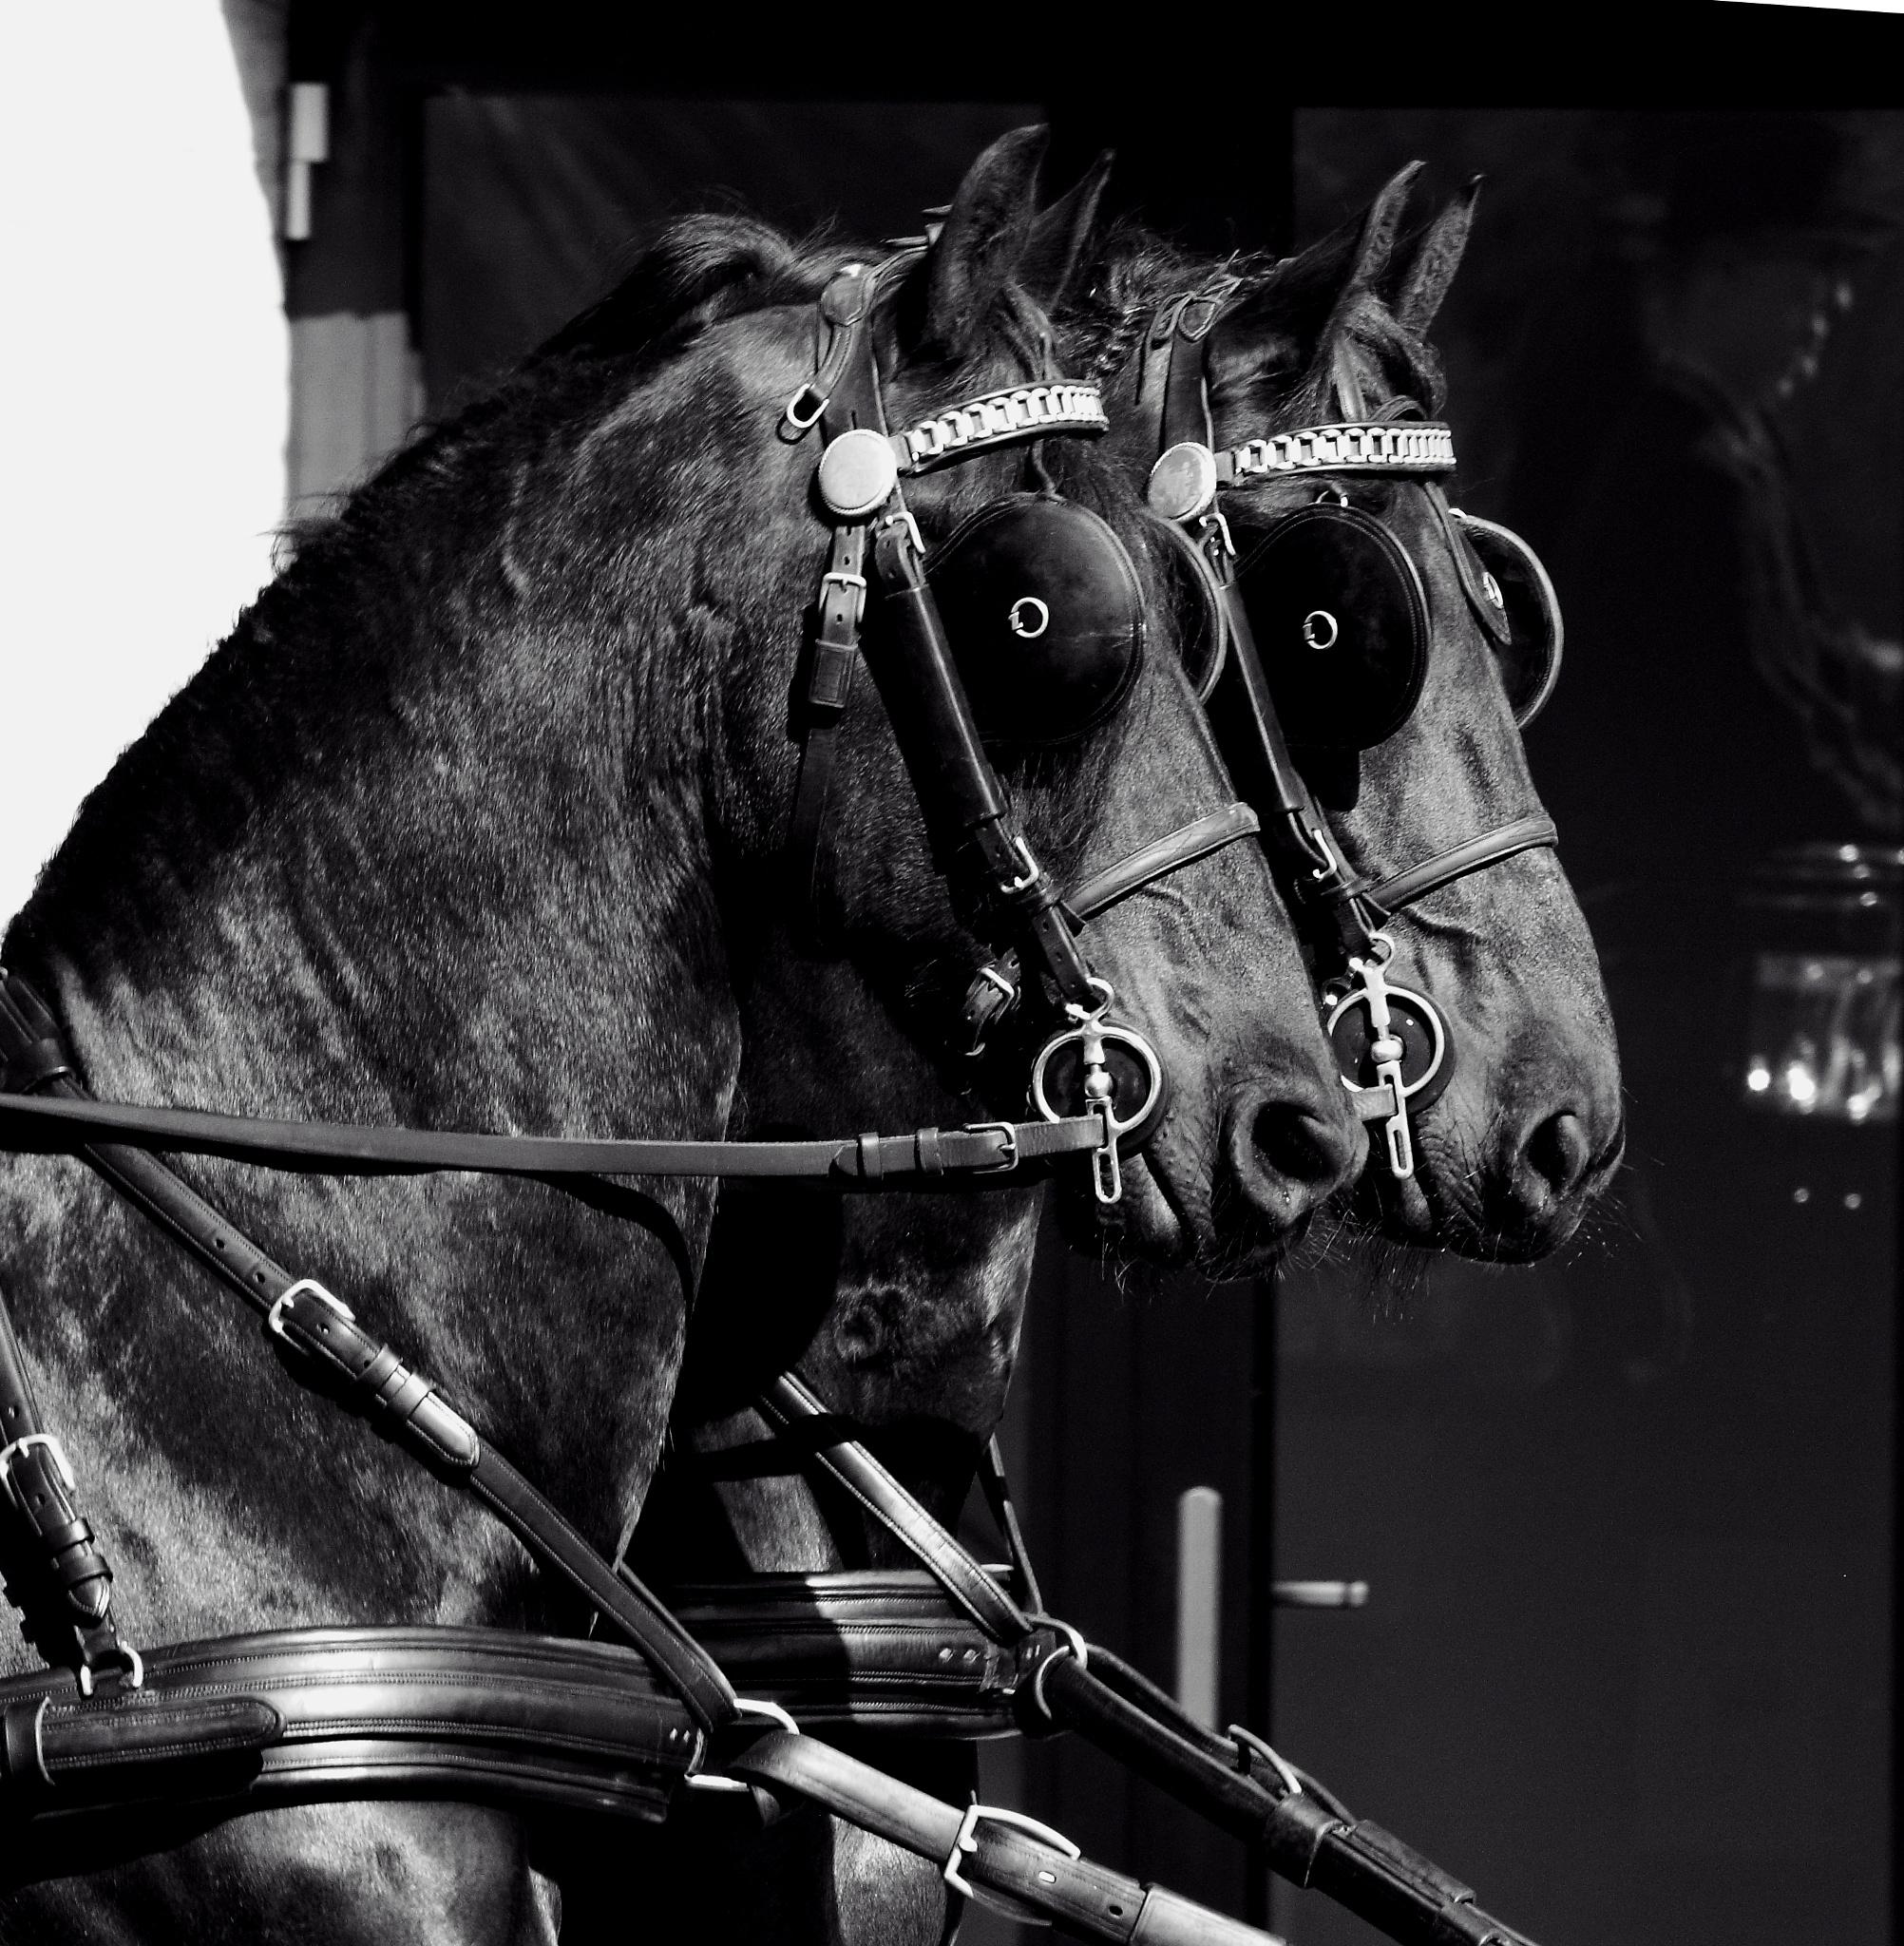 2 horses by marion.vanriet